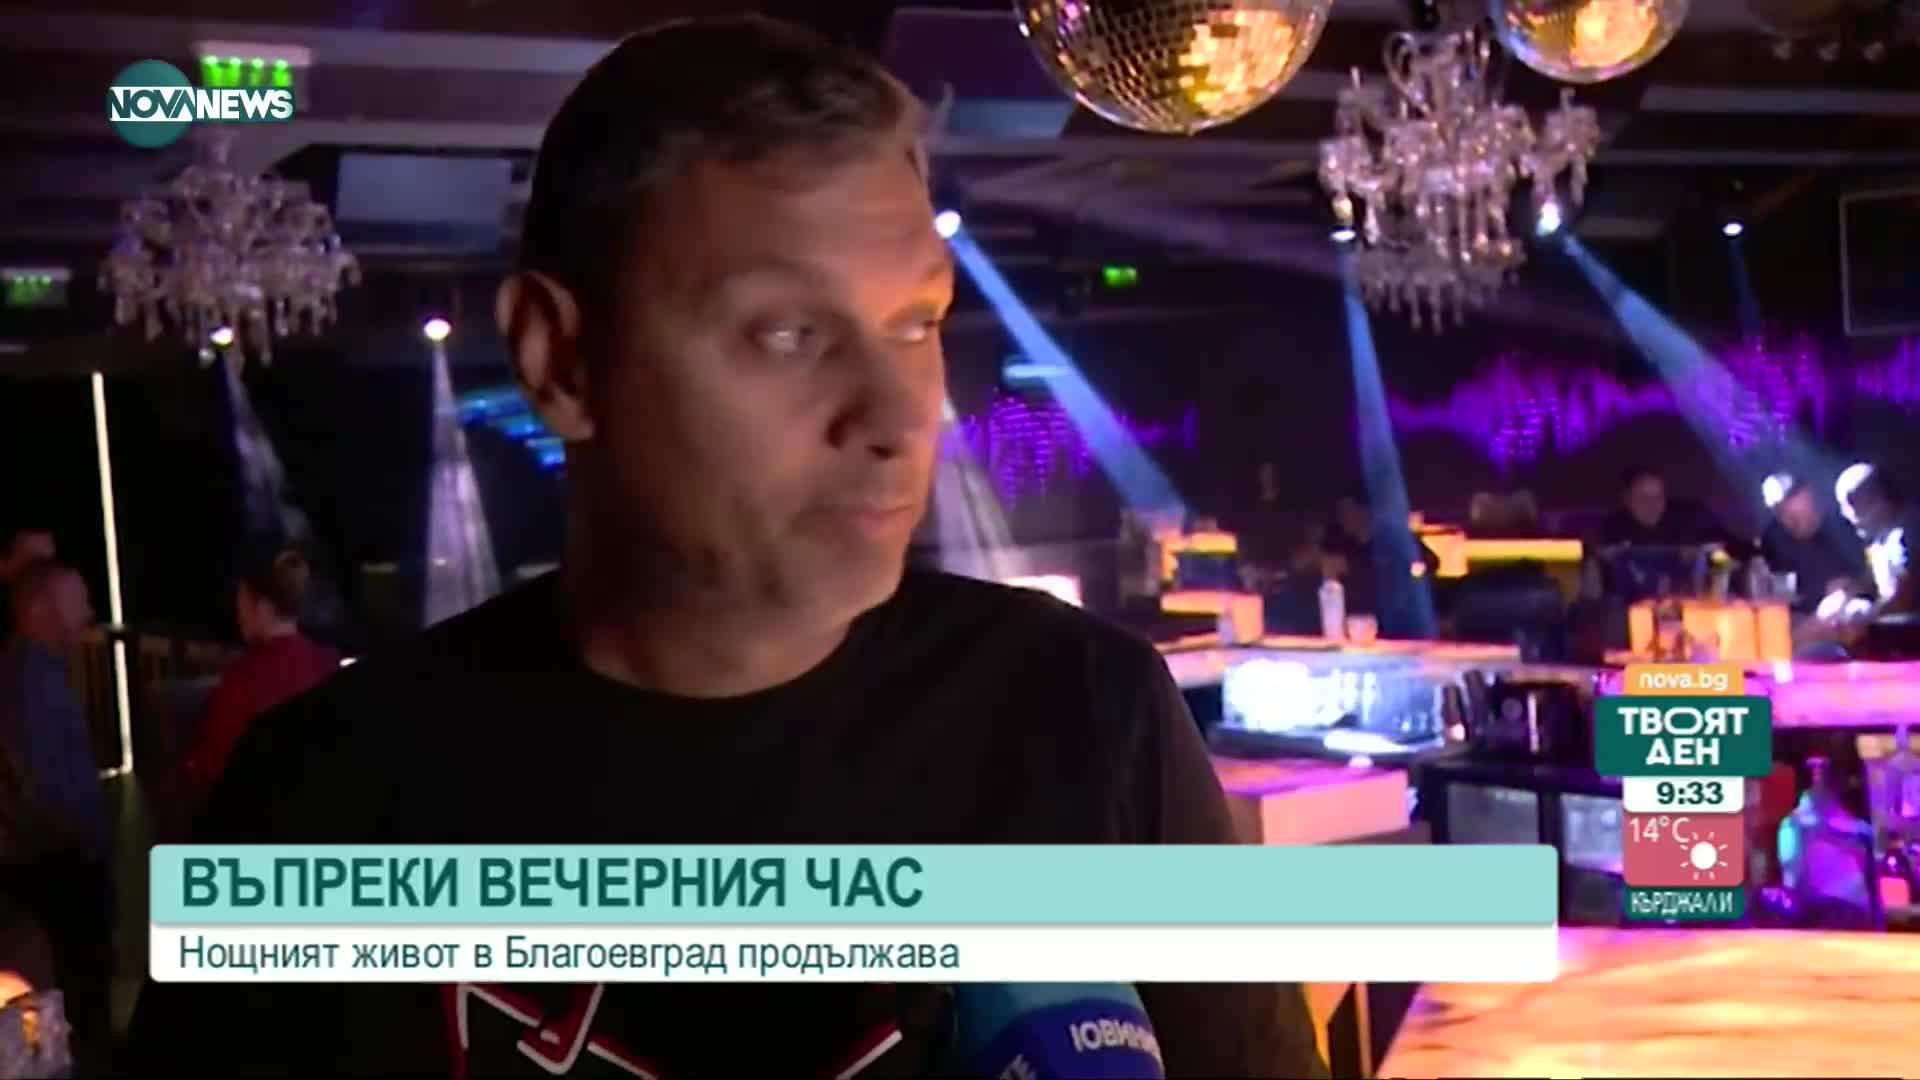 Спазват ли дискотеките в Благоевград вечерния час?